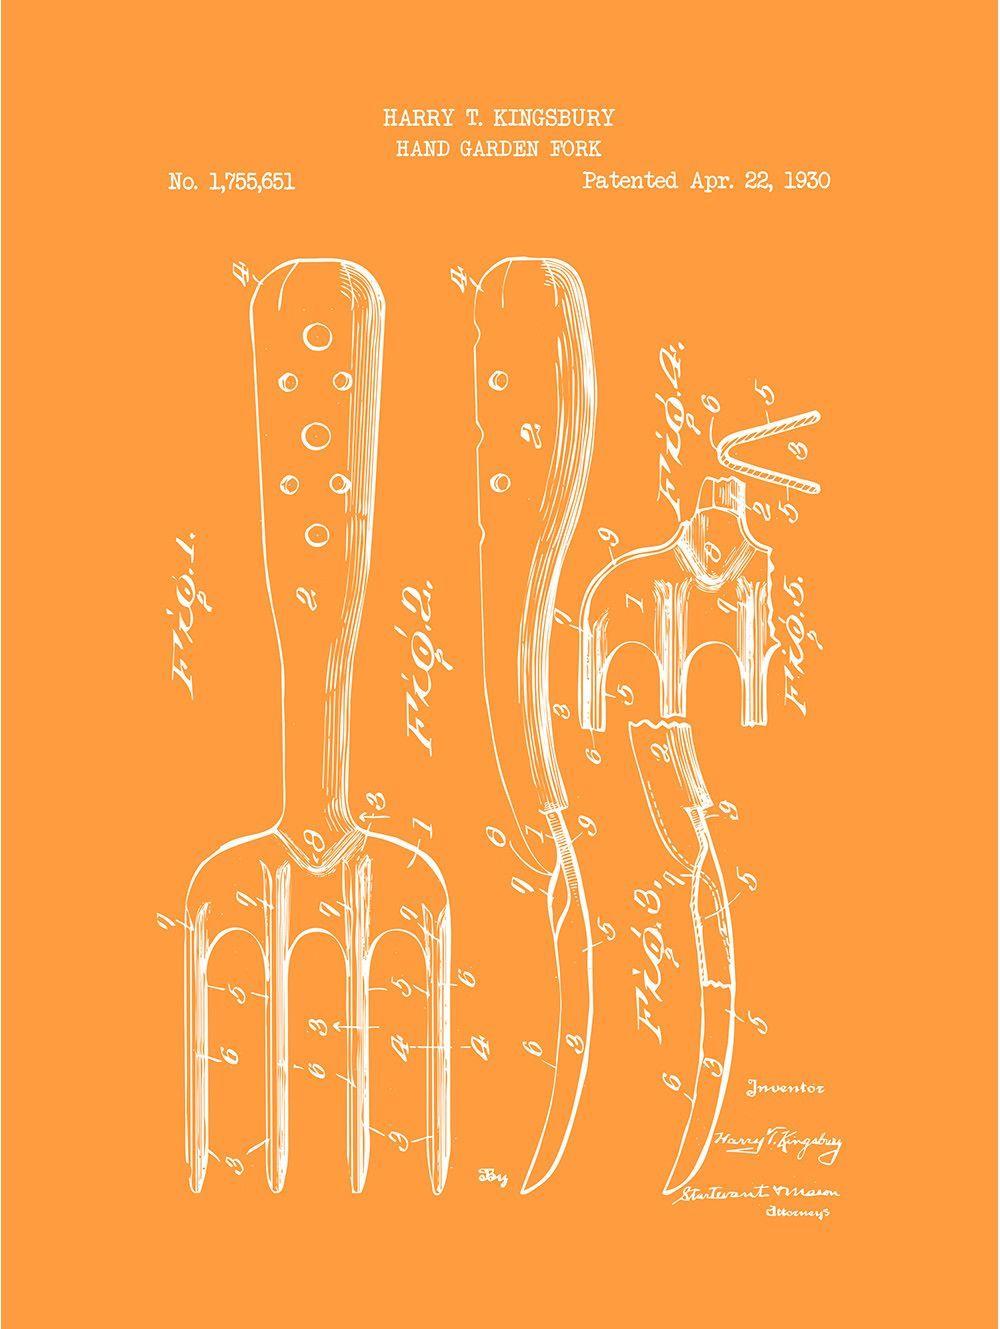 Hand Garden Fork - H. Kingsbury - 1930